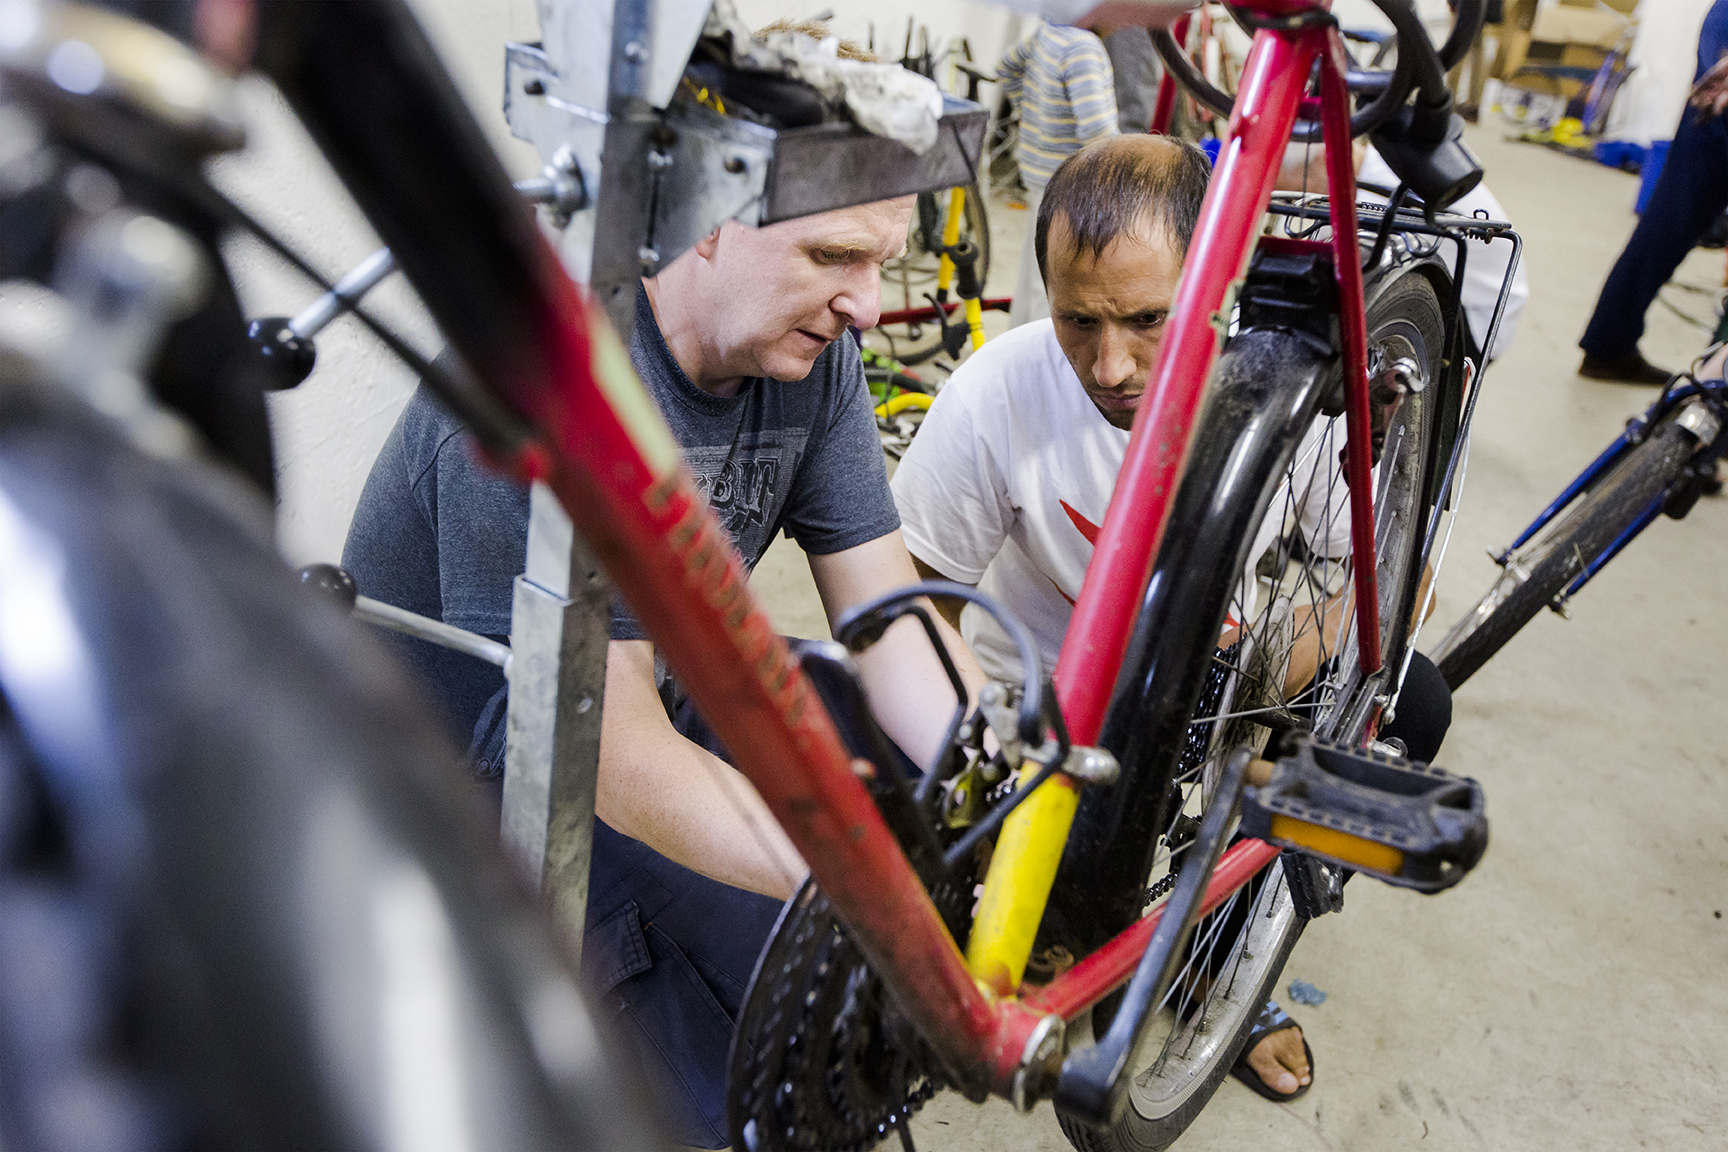 Die Arbeit an den Fahrrädern erfordert Konzentration und Geduld